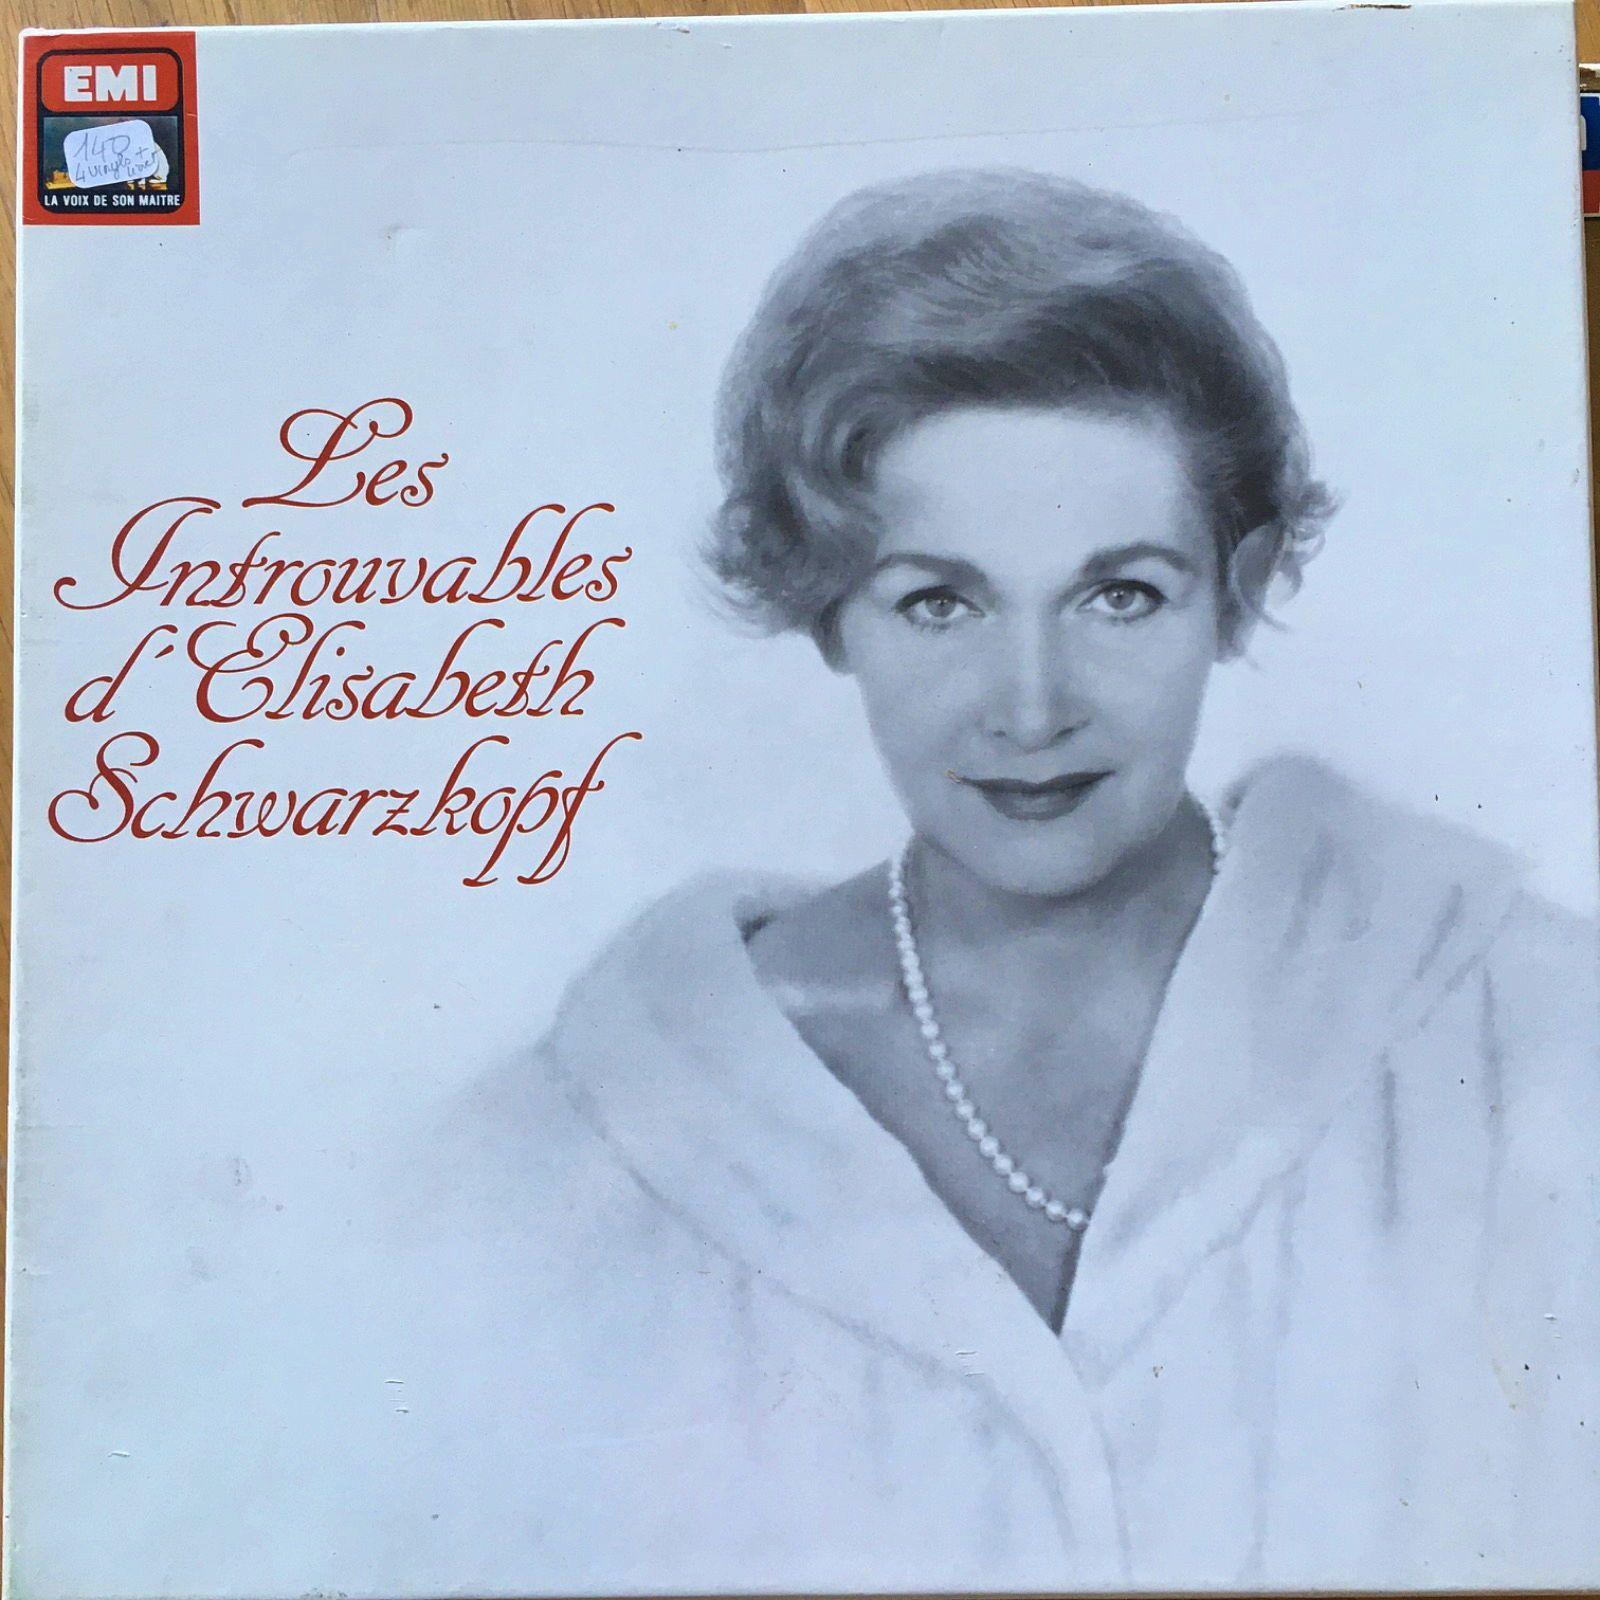 Vends vinyles musique classique